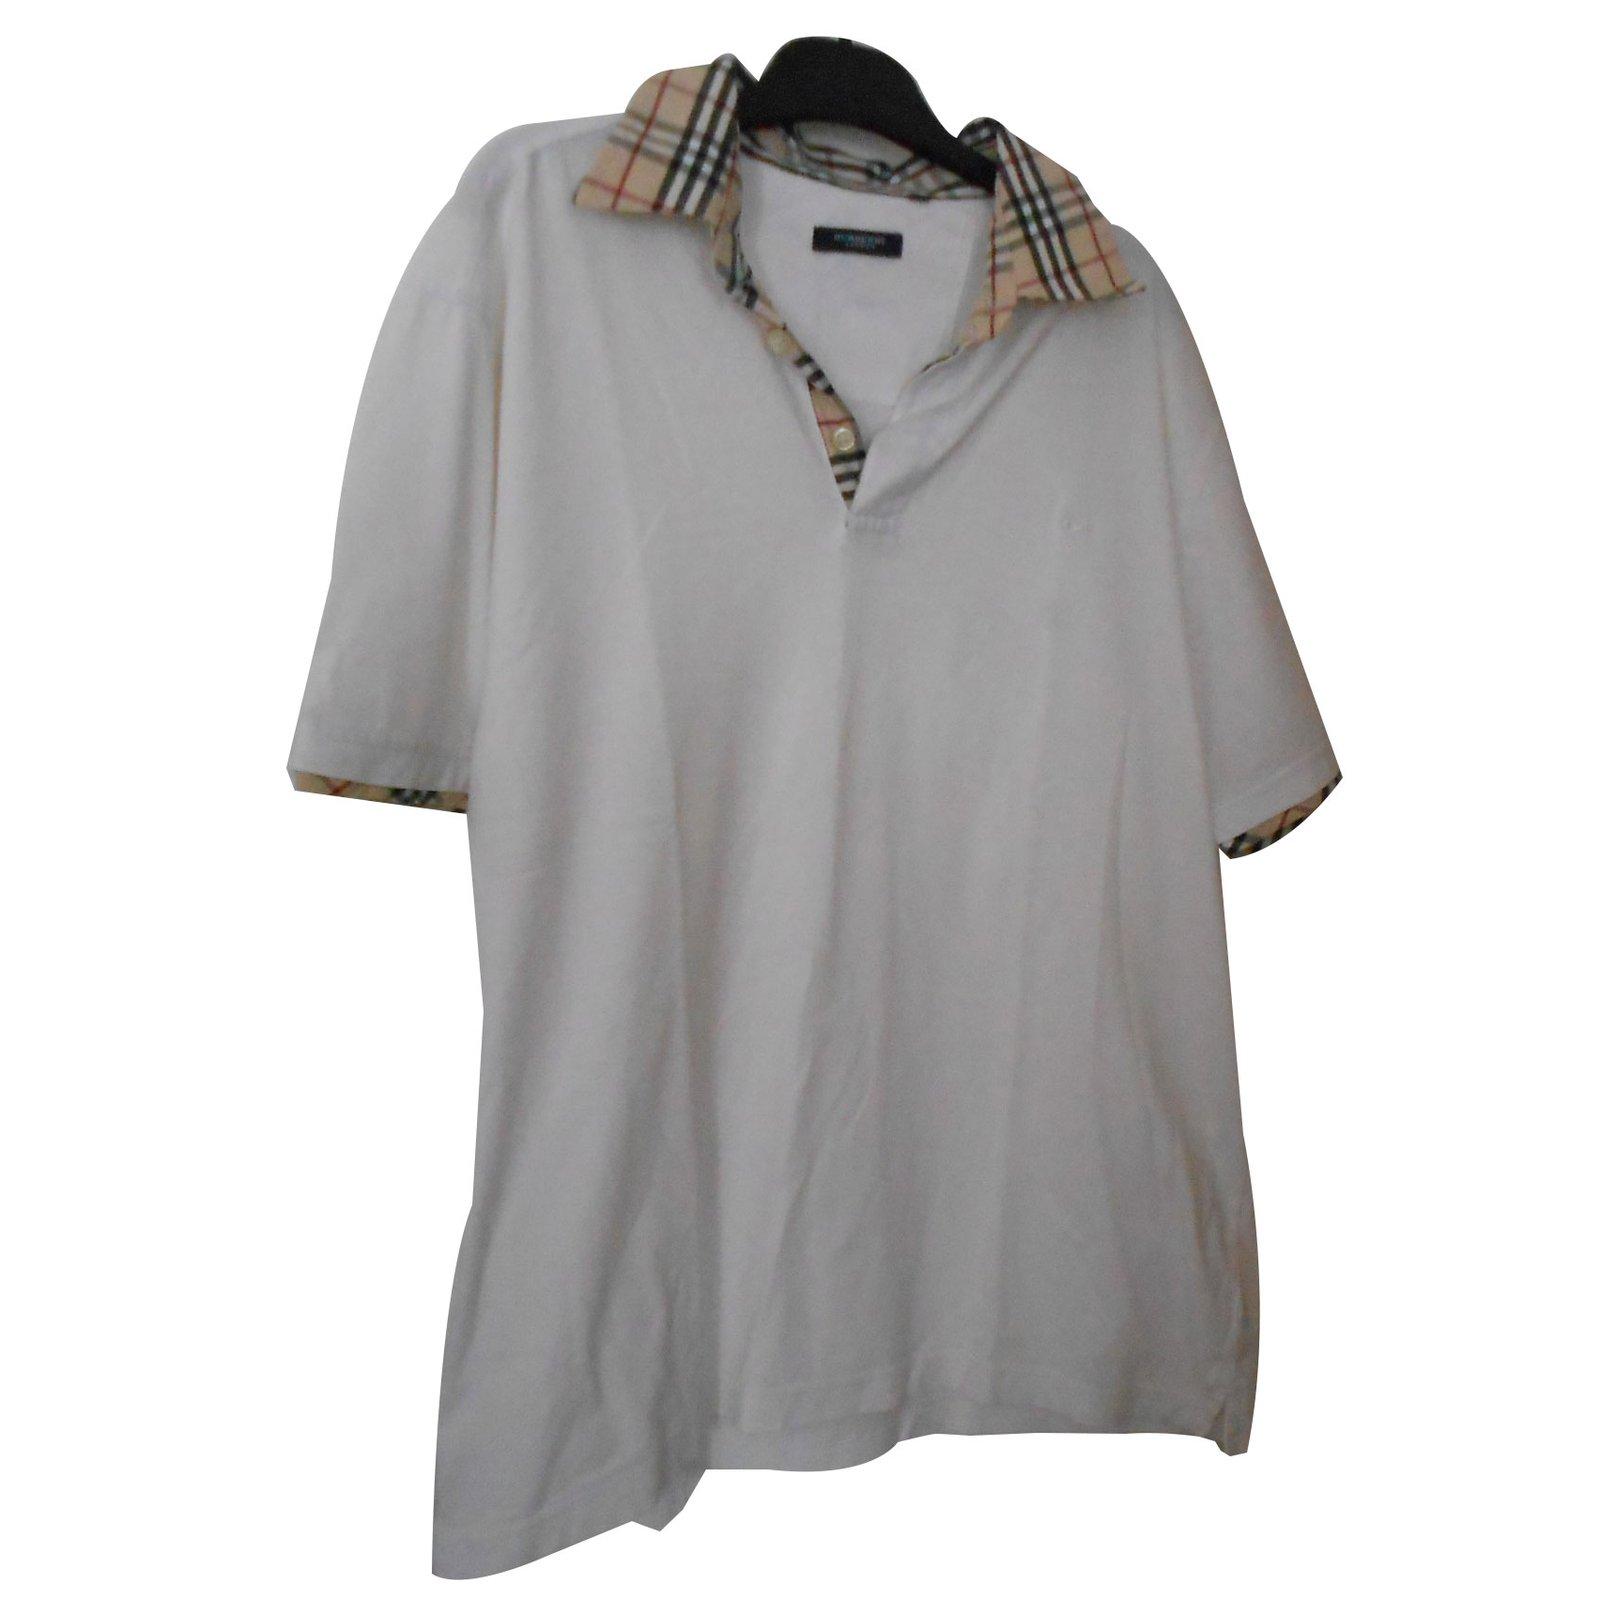 Polos Burberry Polo blanc col écossais beige et noir Coton Blanc cassé  ref.70014 4b8deaa60c7